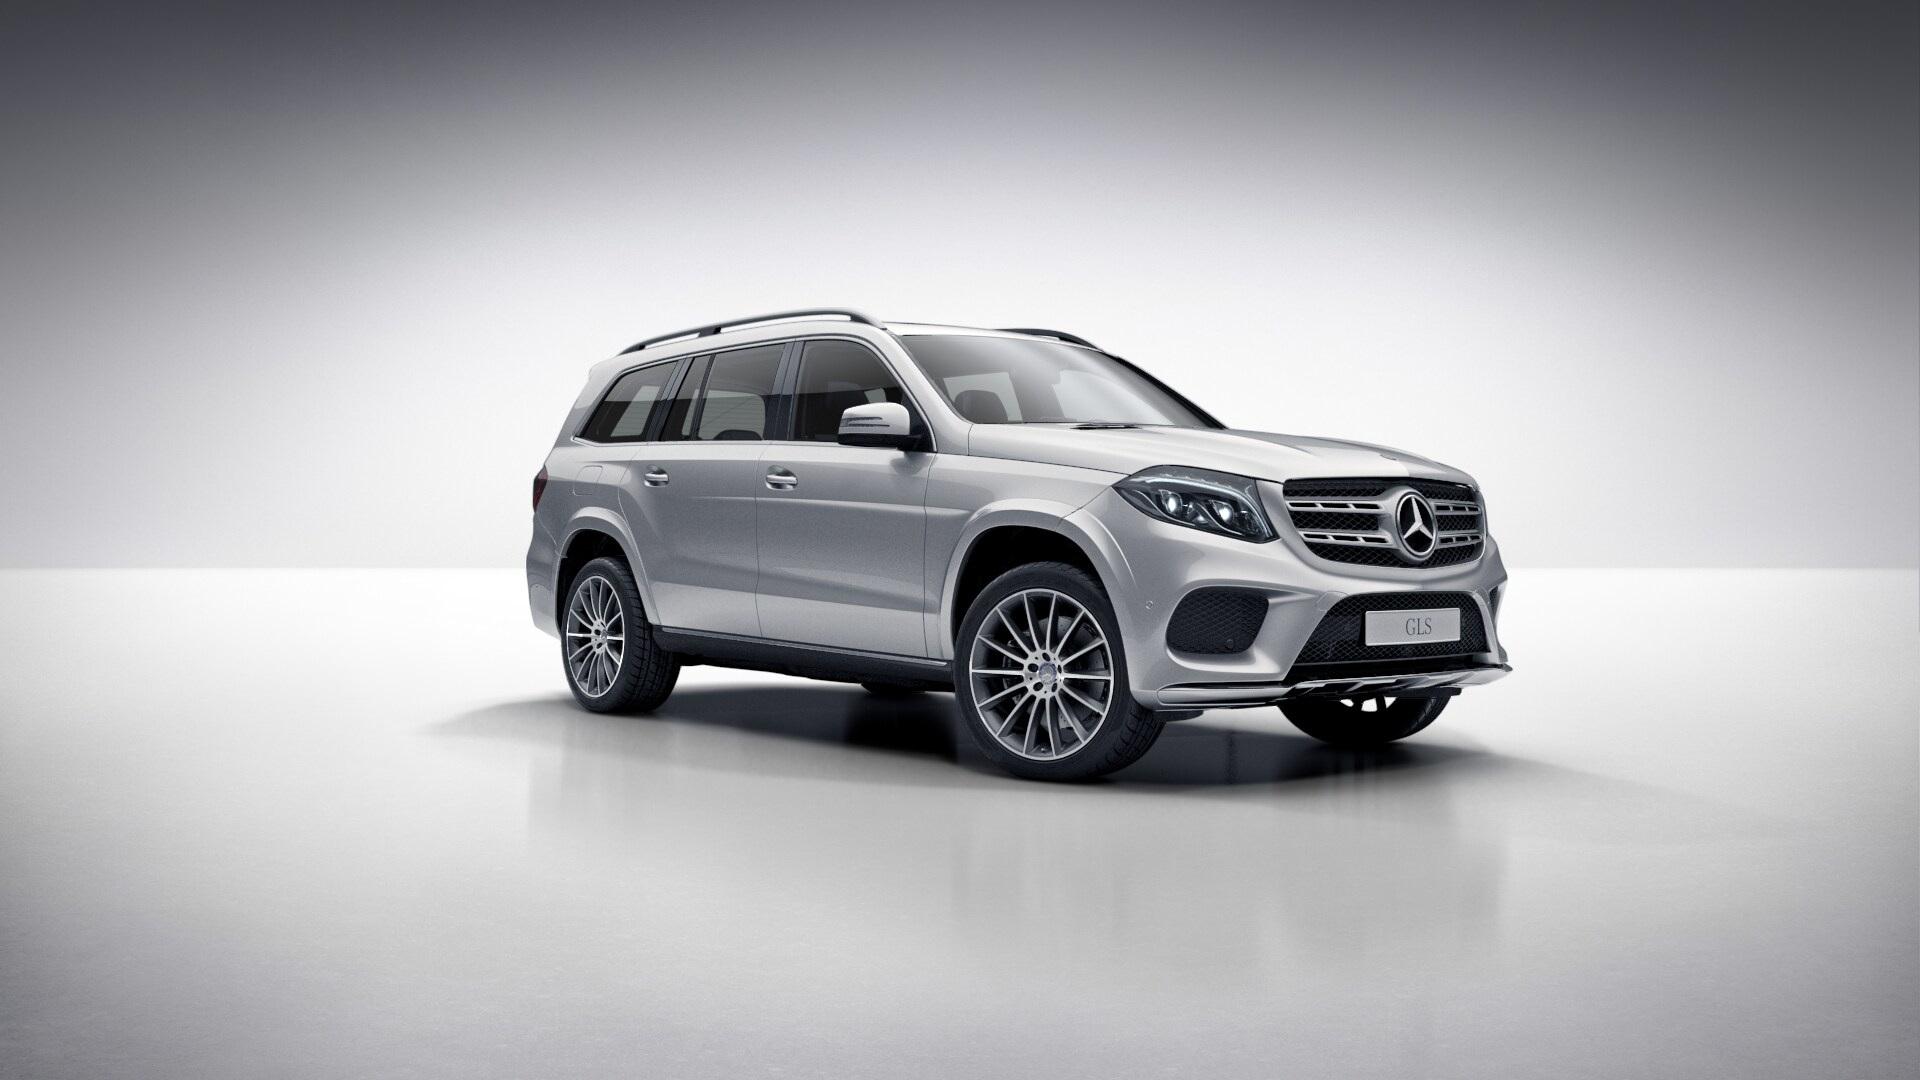 Demo 2017 mercedes benz gls gls550 suv mb17393 mercedes for Mercedes benz canada inventory